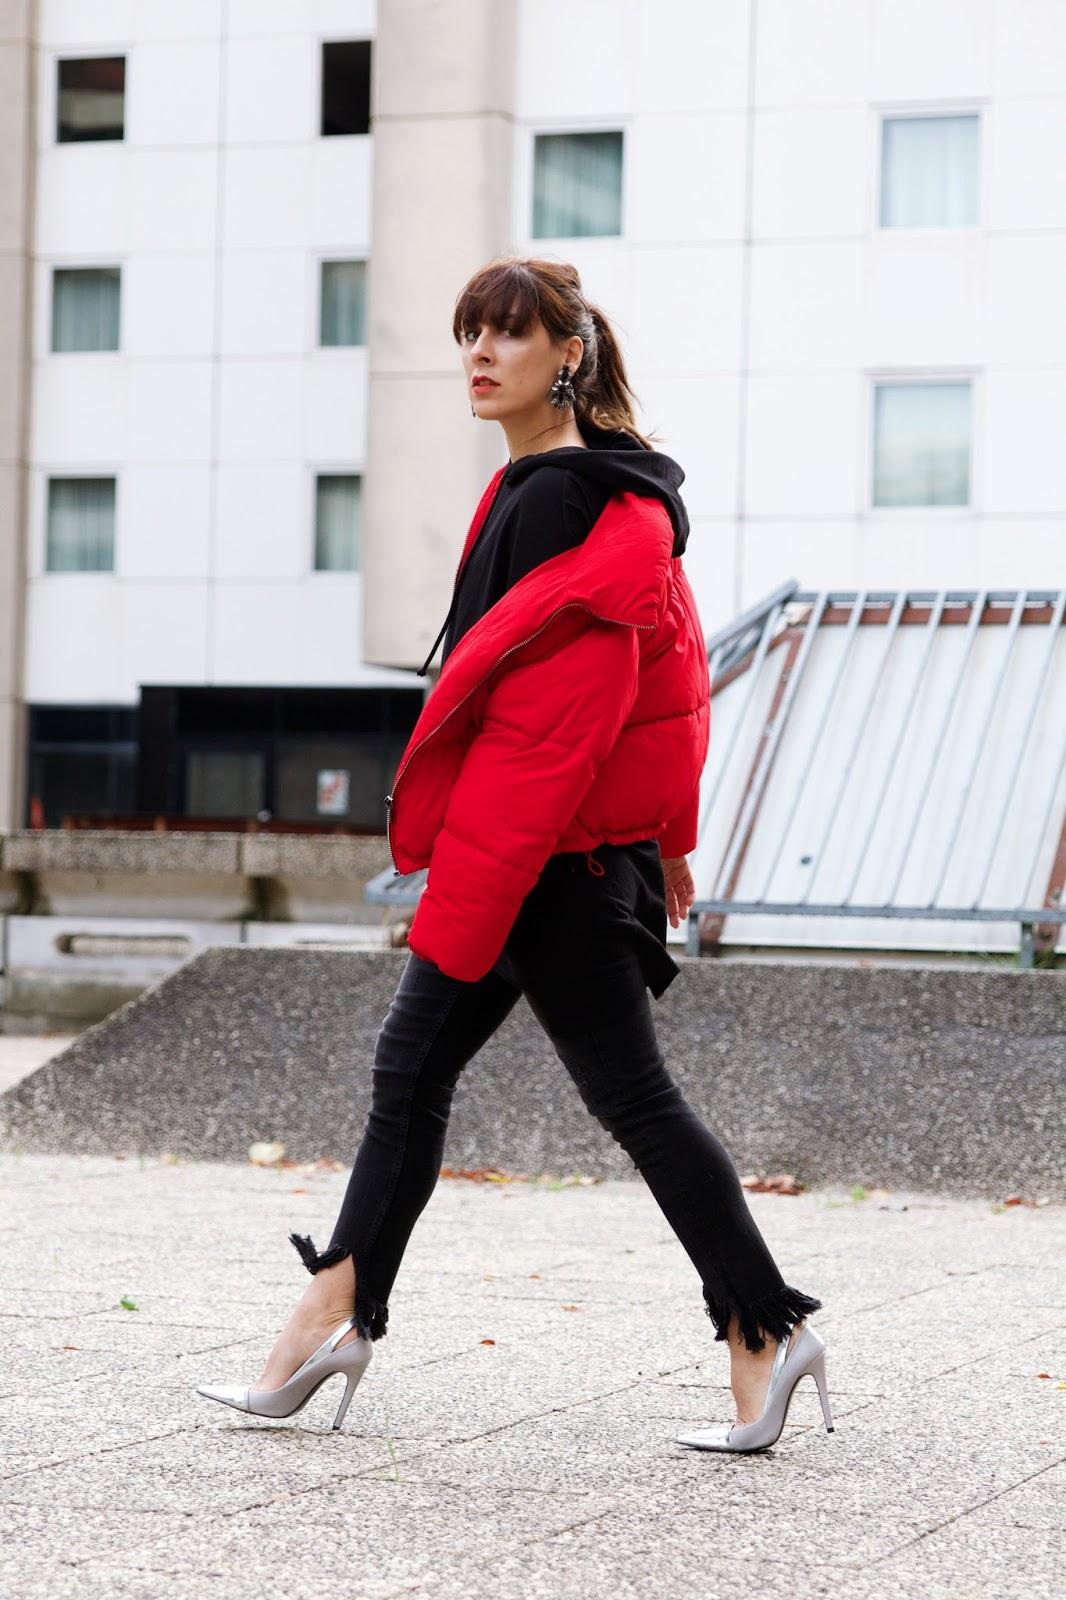 doudoune rouge Bershka et pull à capuche / manteau hiver